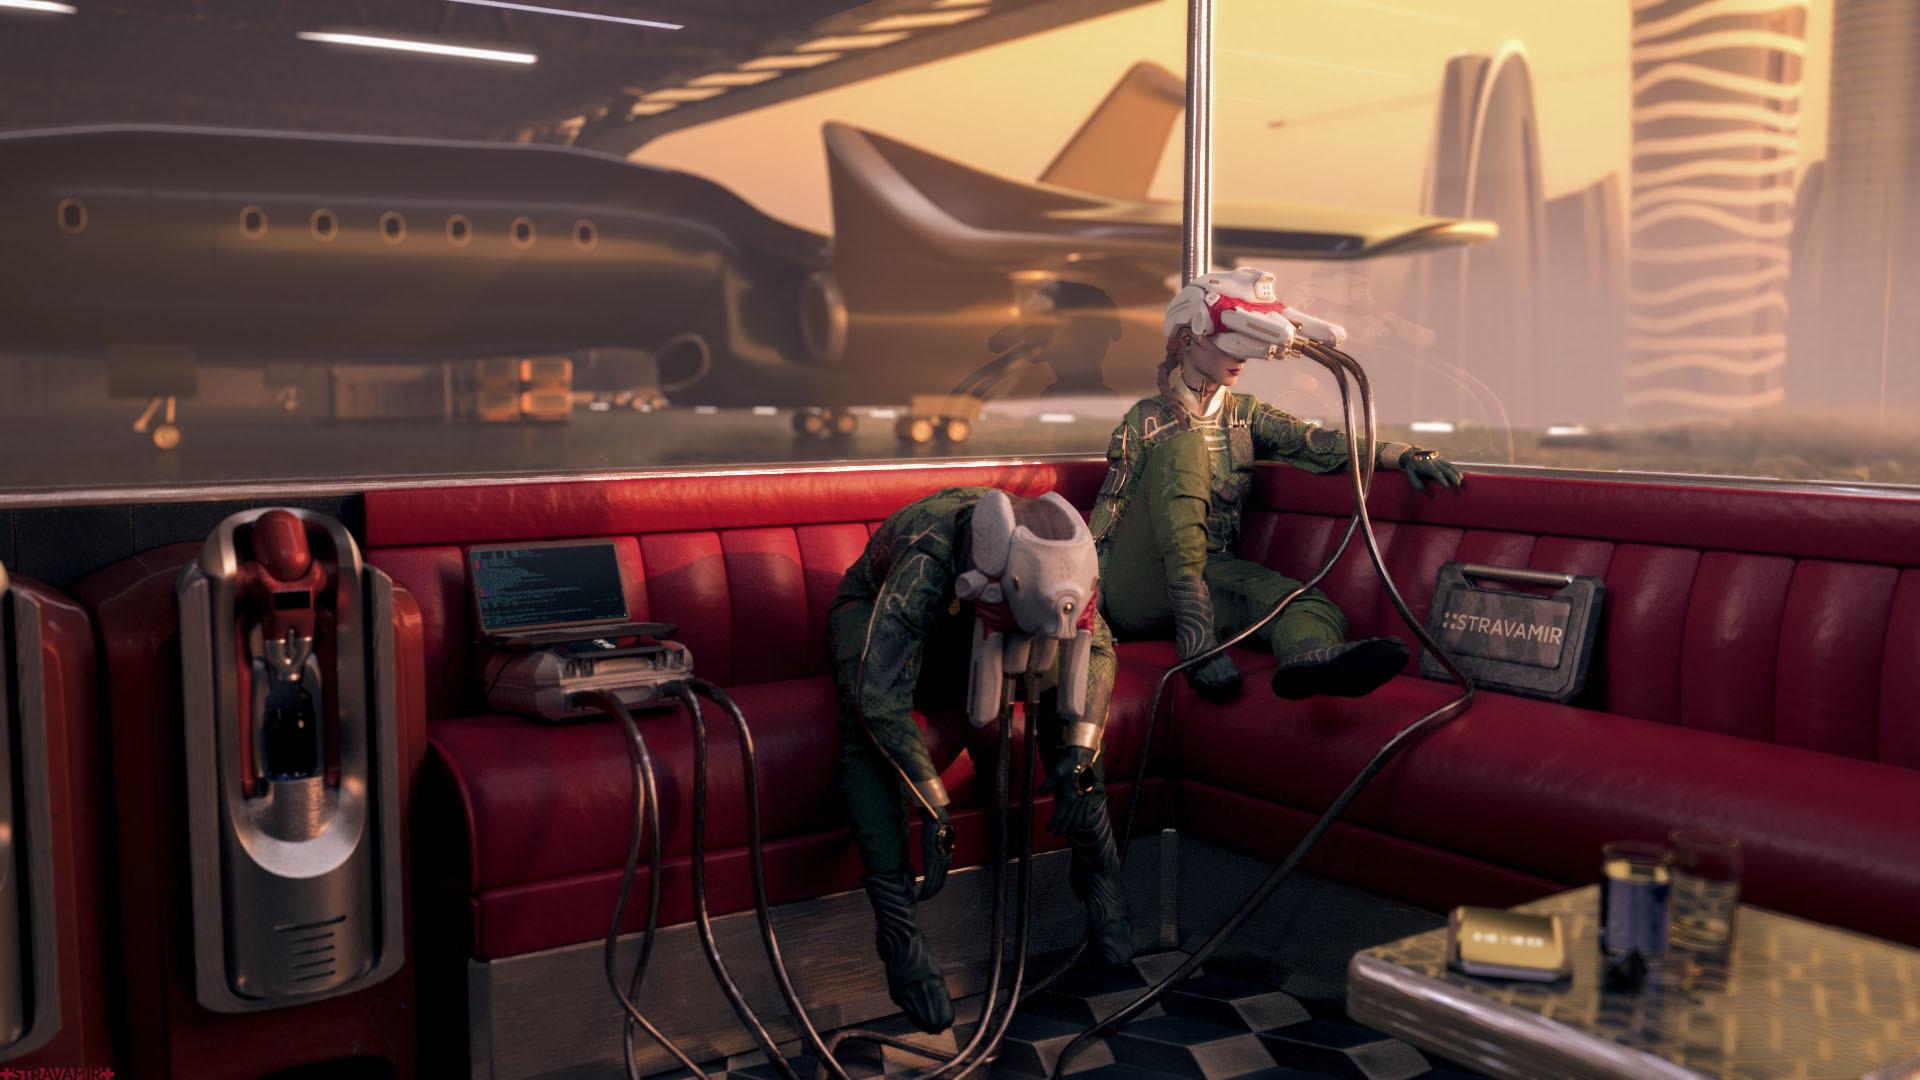 Marko sovljanski 002airfield 009c